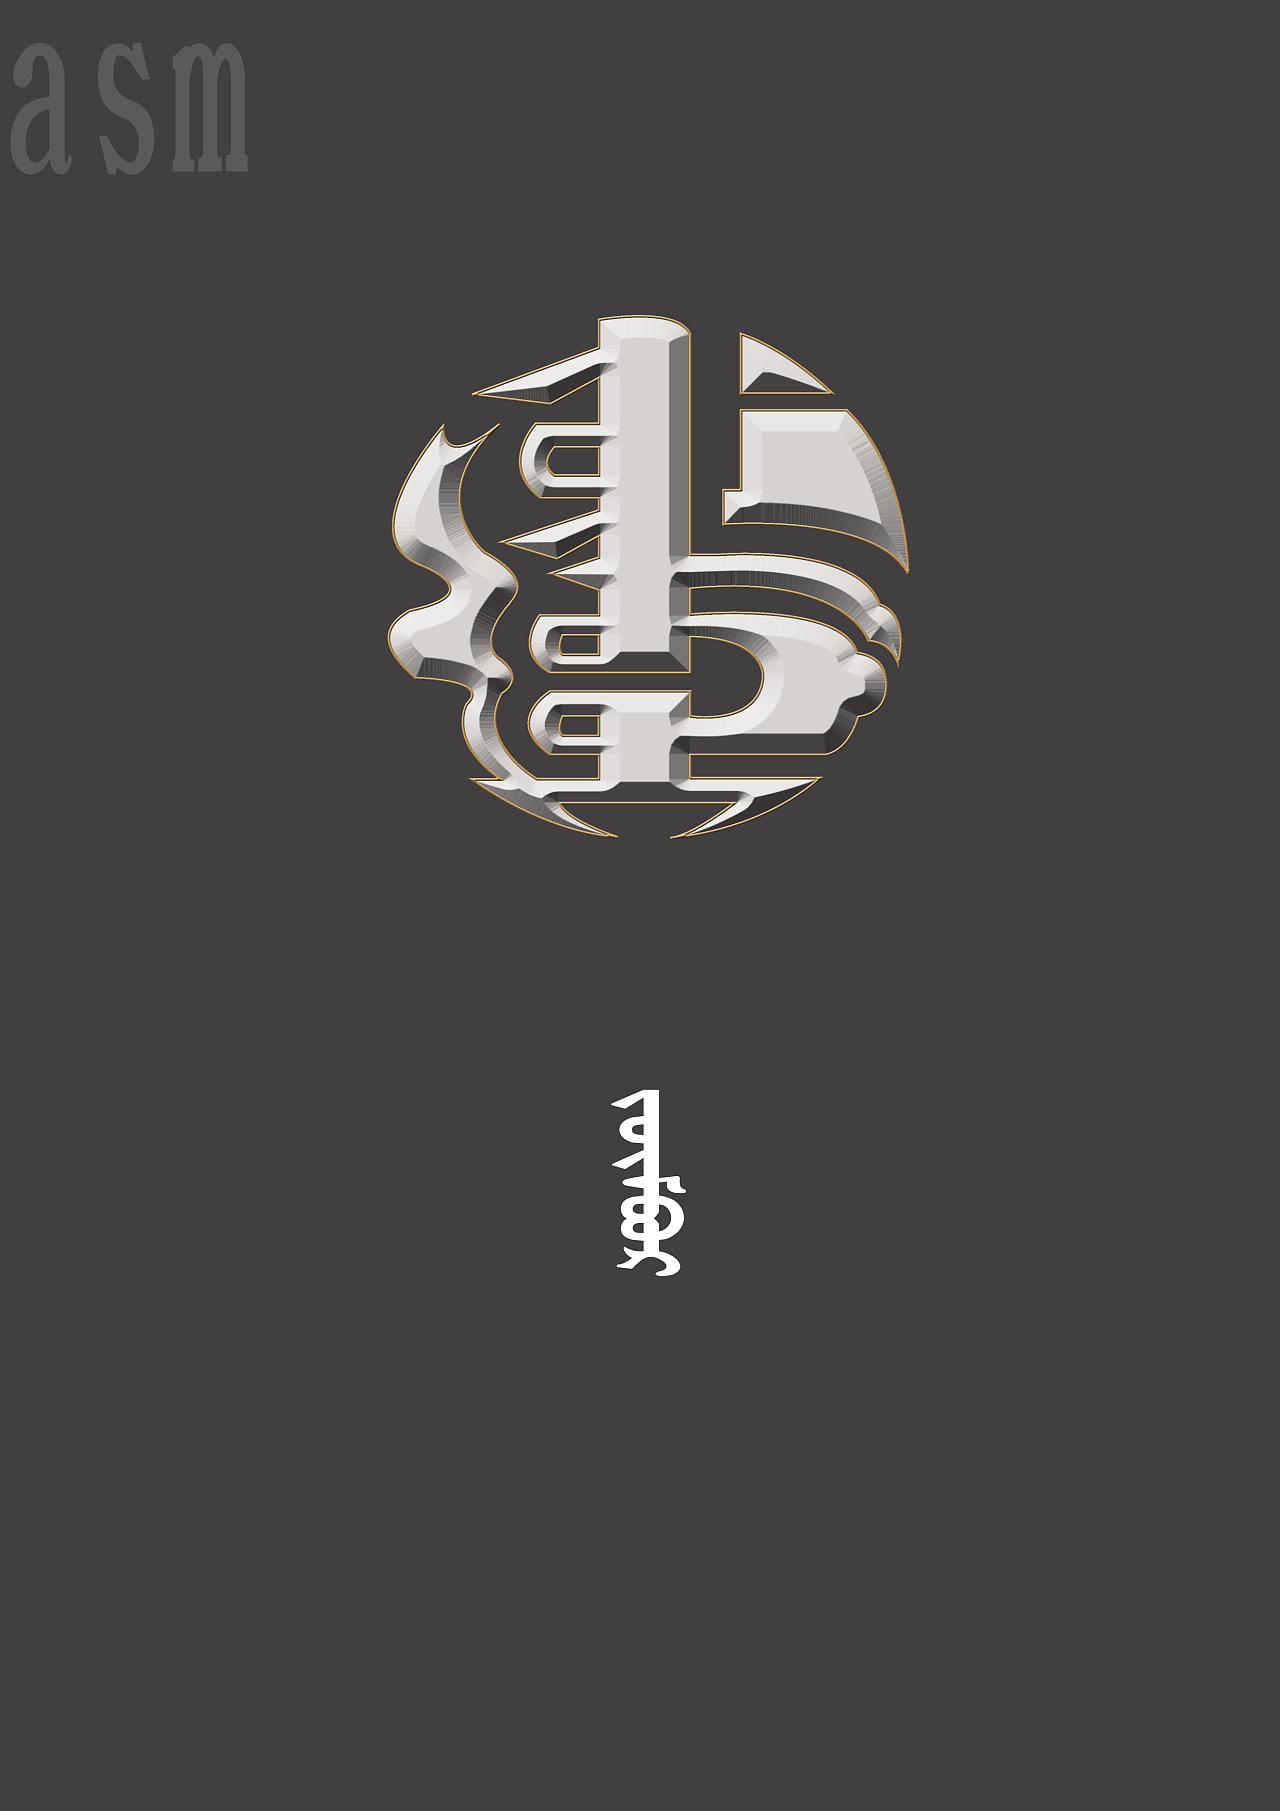 蒙古艺术文字3 -阿斯玛设计 第3张